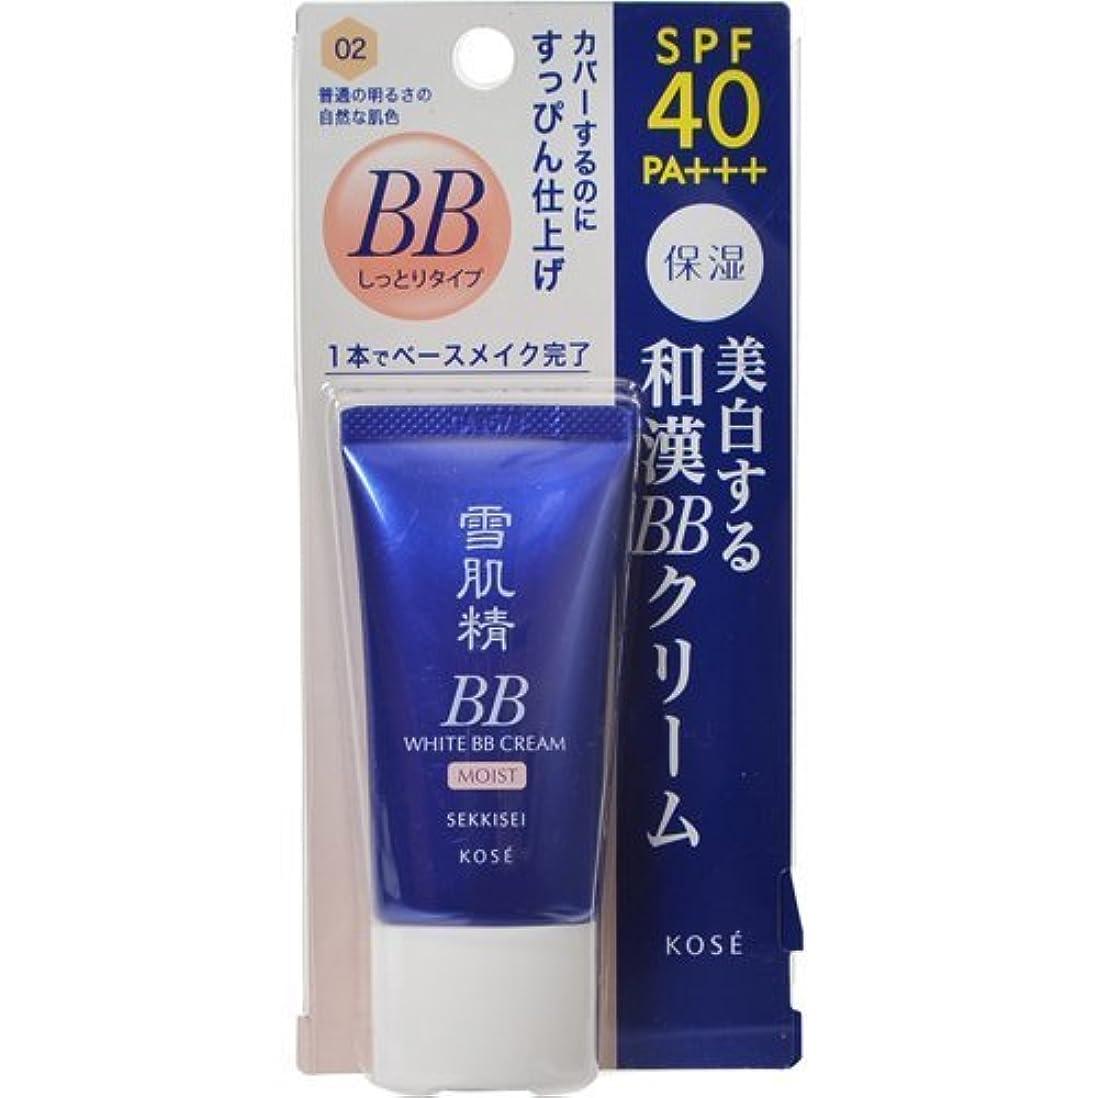 雪肌精 ホワイト BBクリーム モイスト 02 30g